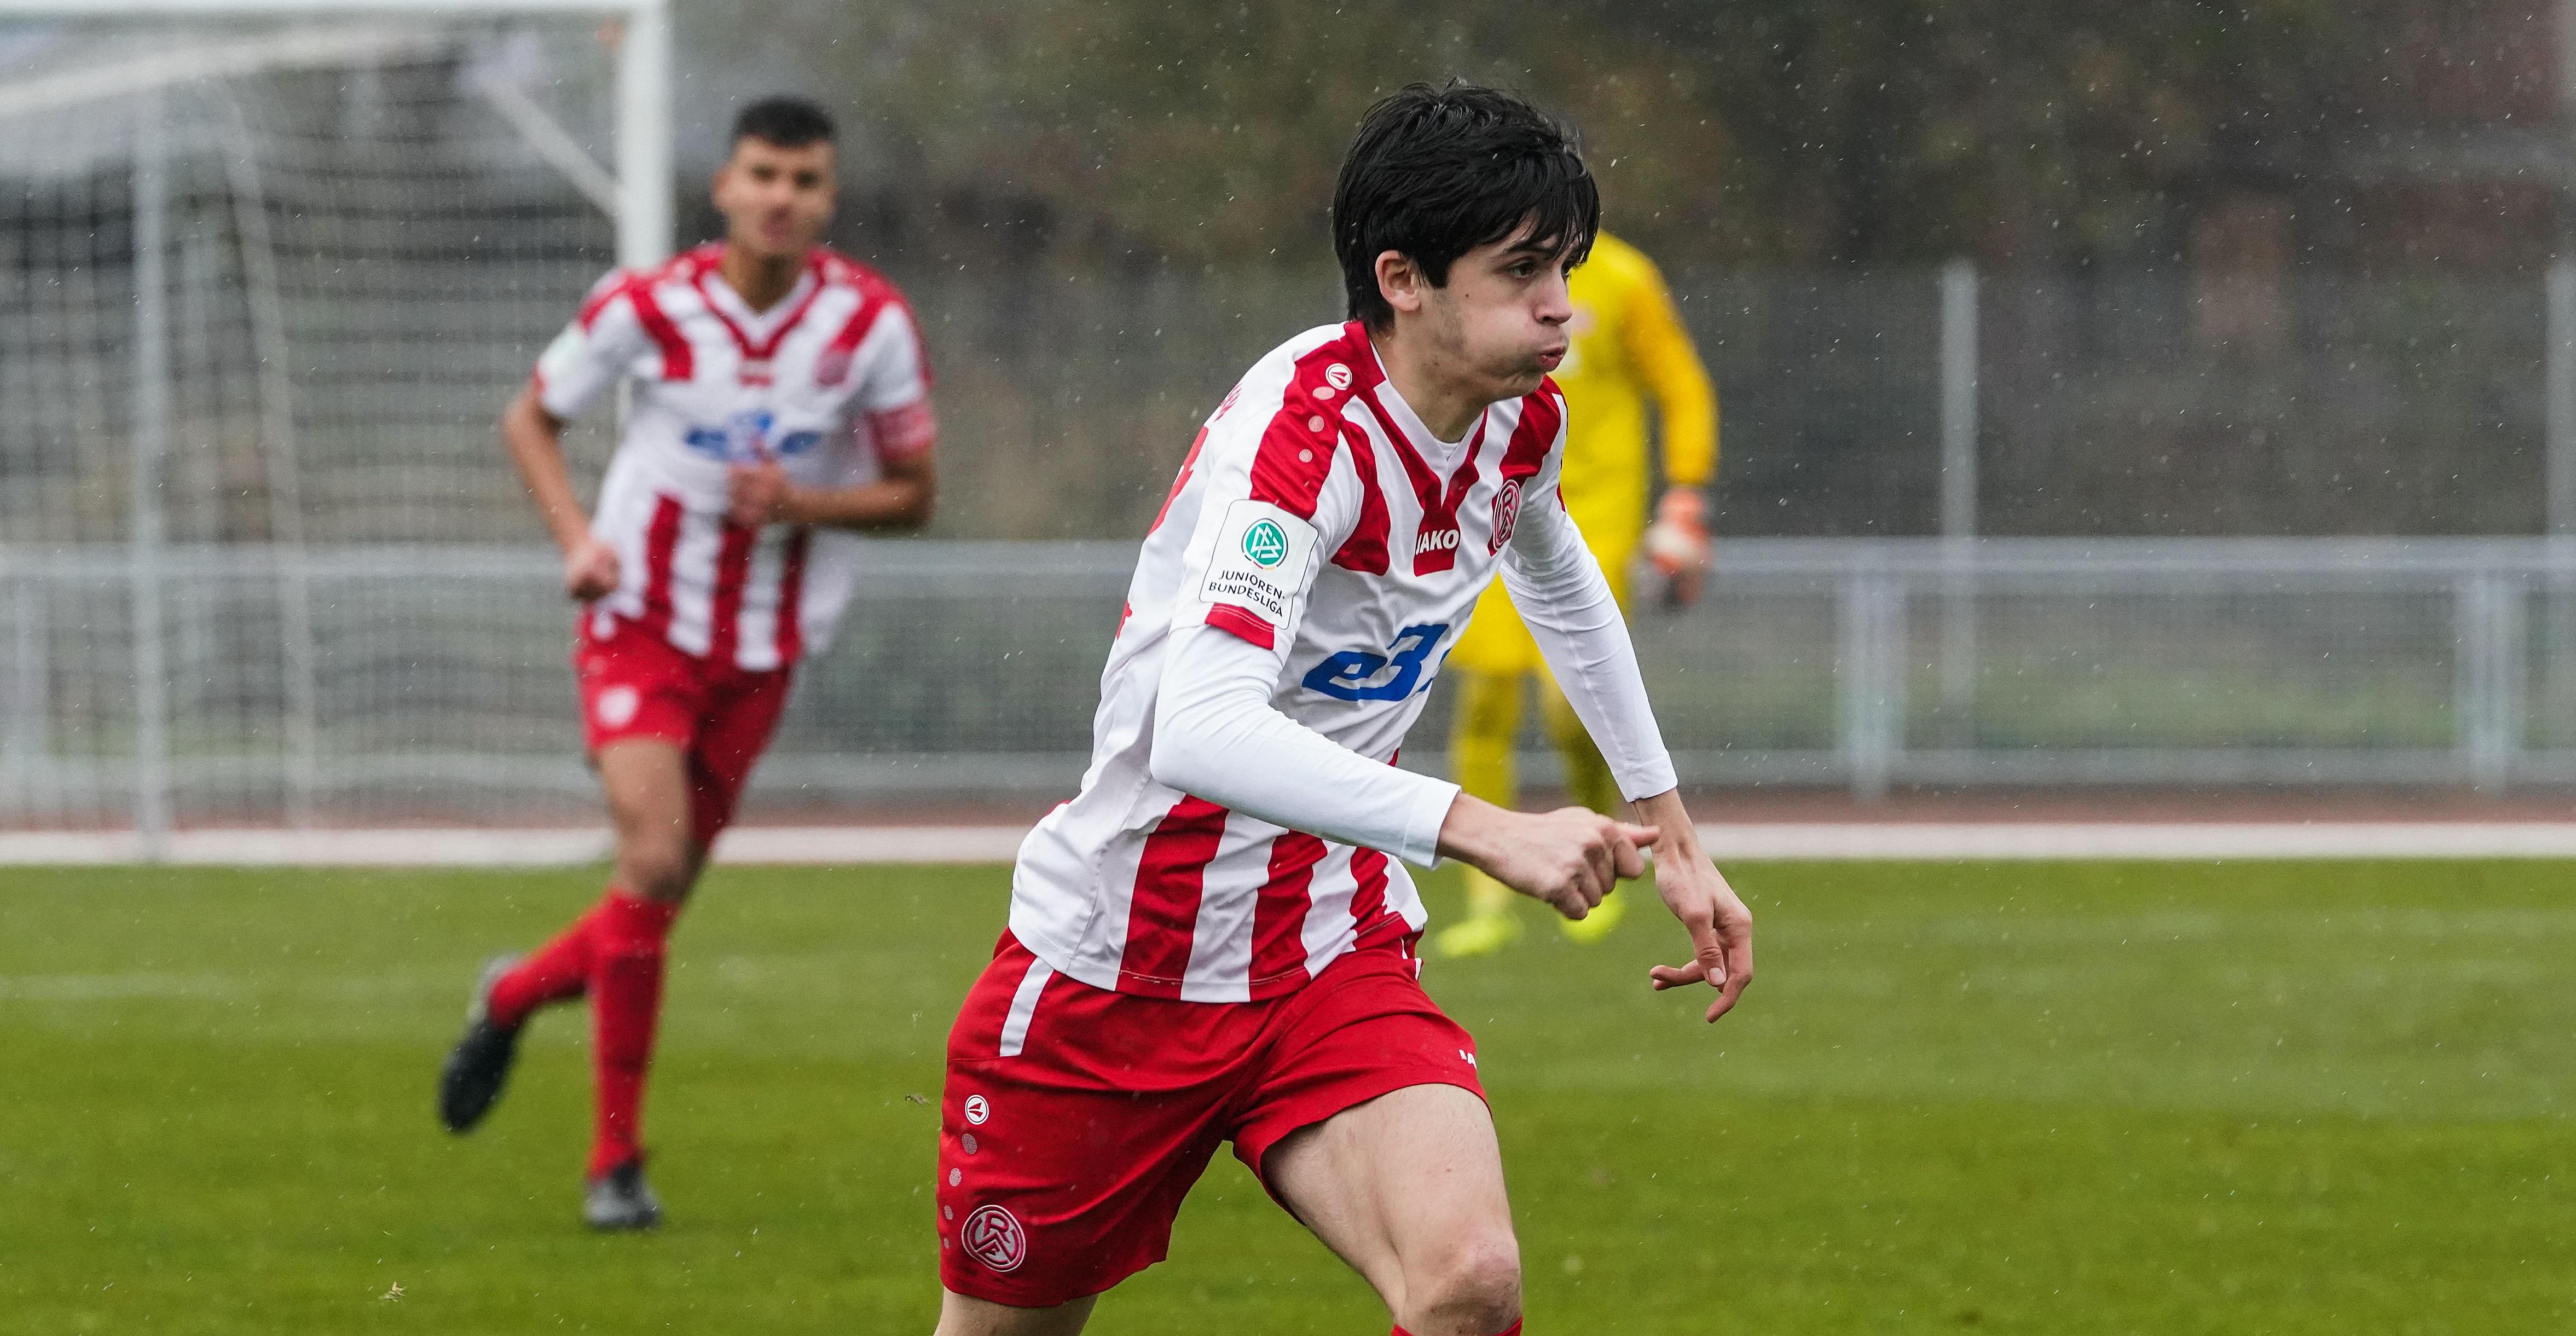 Die Essener U17 spielt am Samstag gegen die starken Kölner um Punkte.